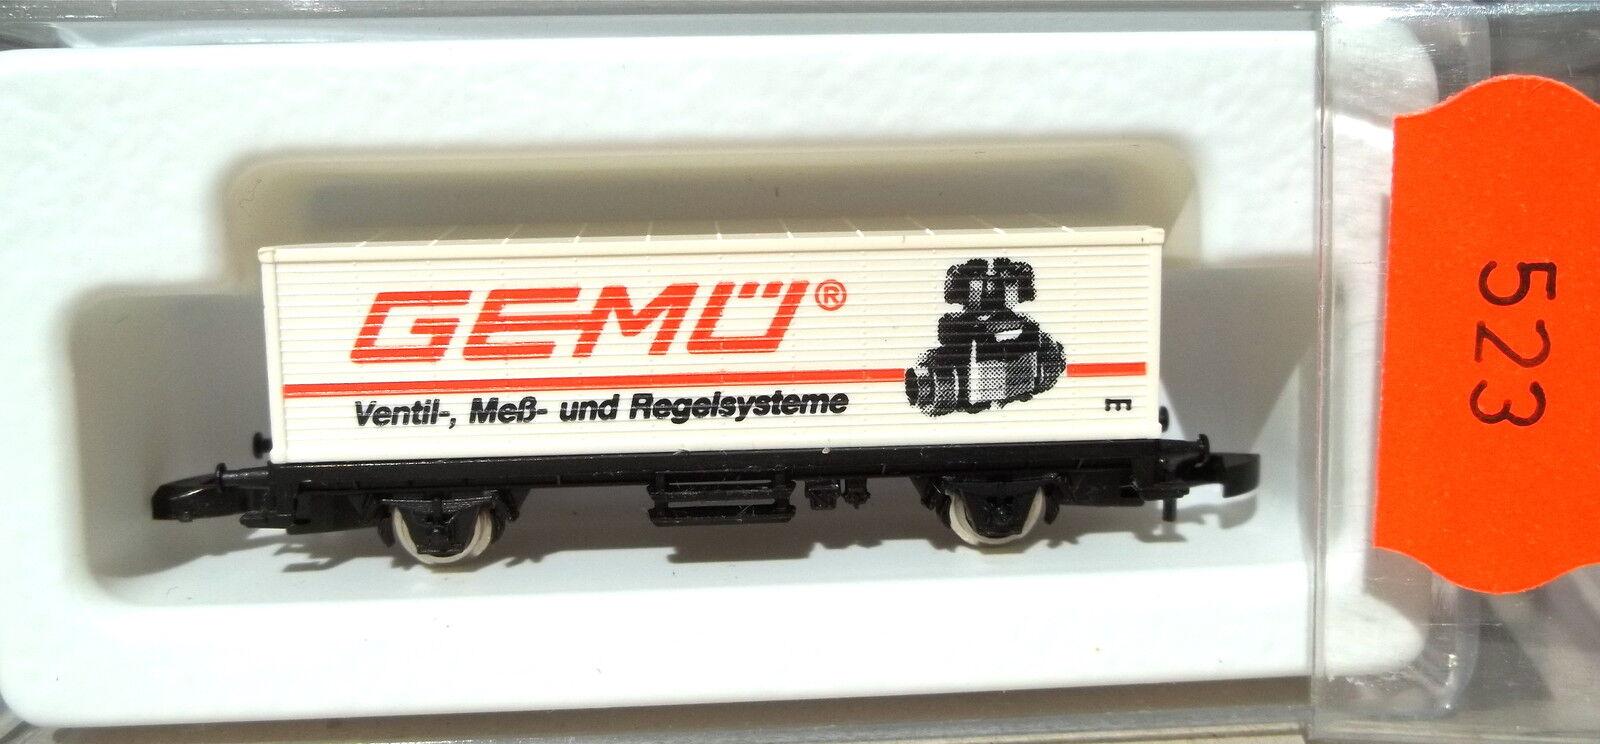 Gemü ,Wagon Transport de Conteneurs Kolls 90723 Märklin 8615 Z 1 220 523